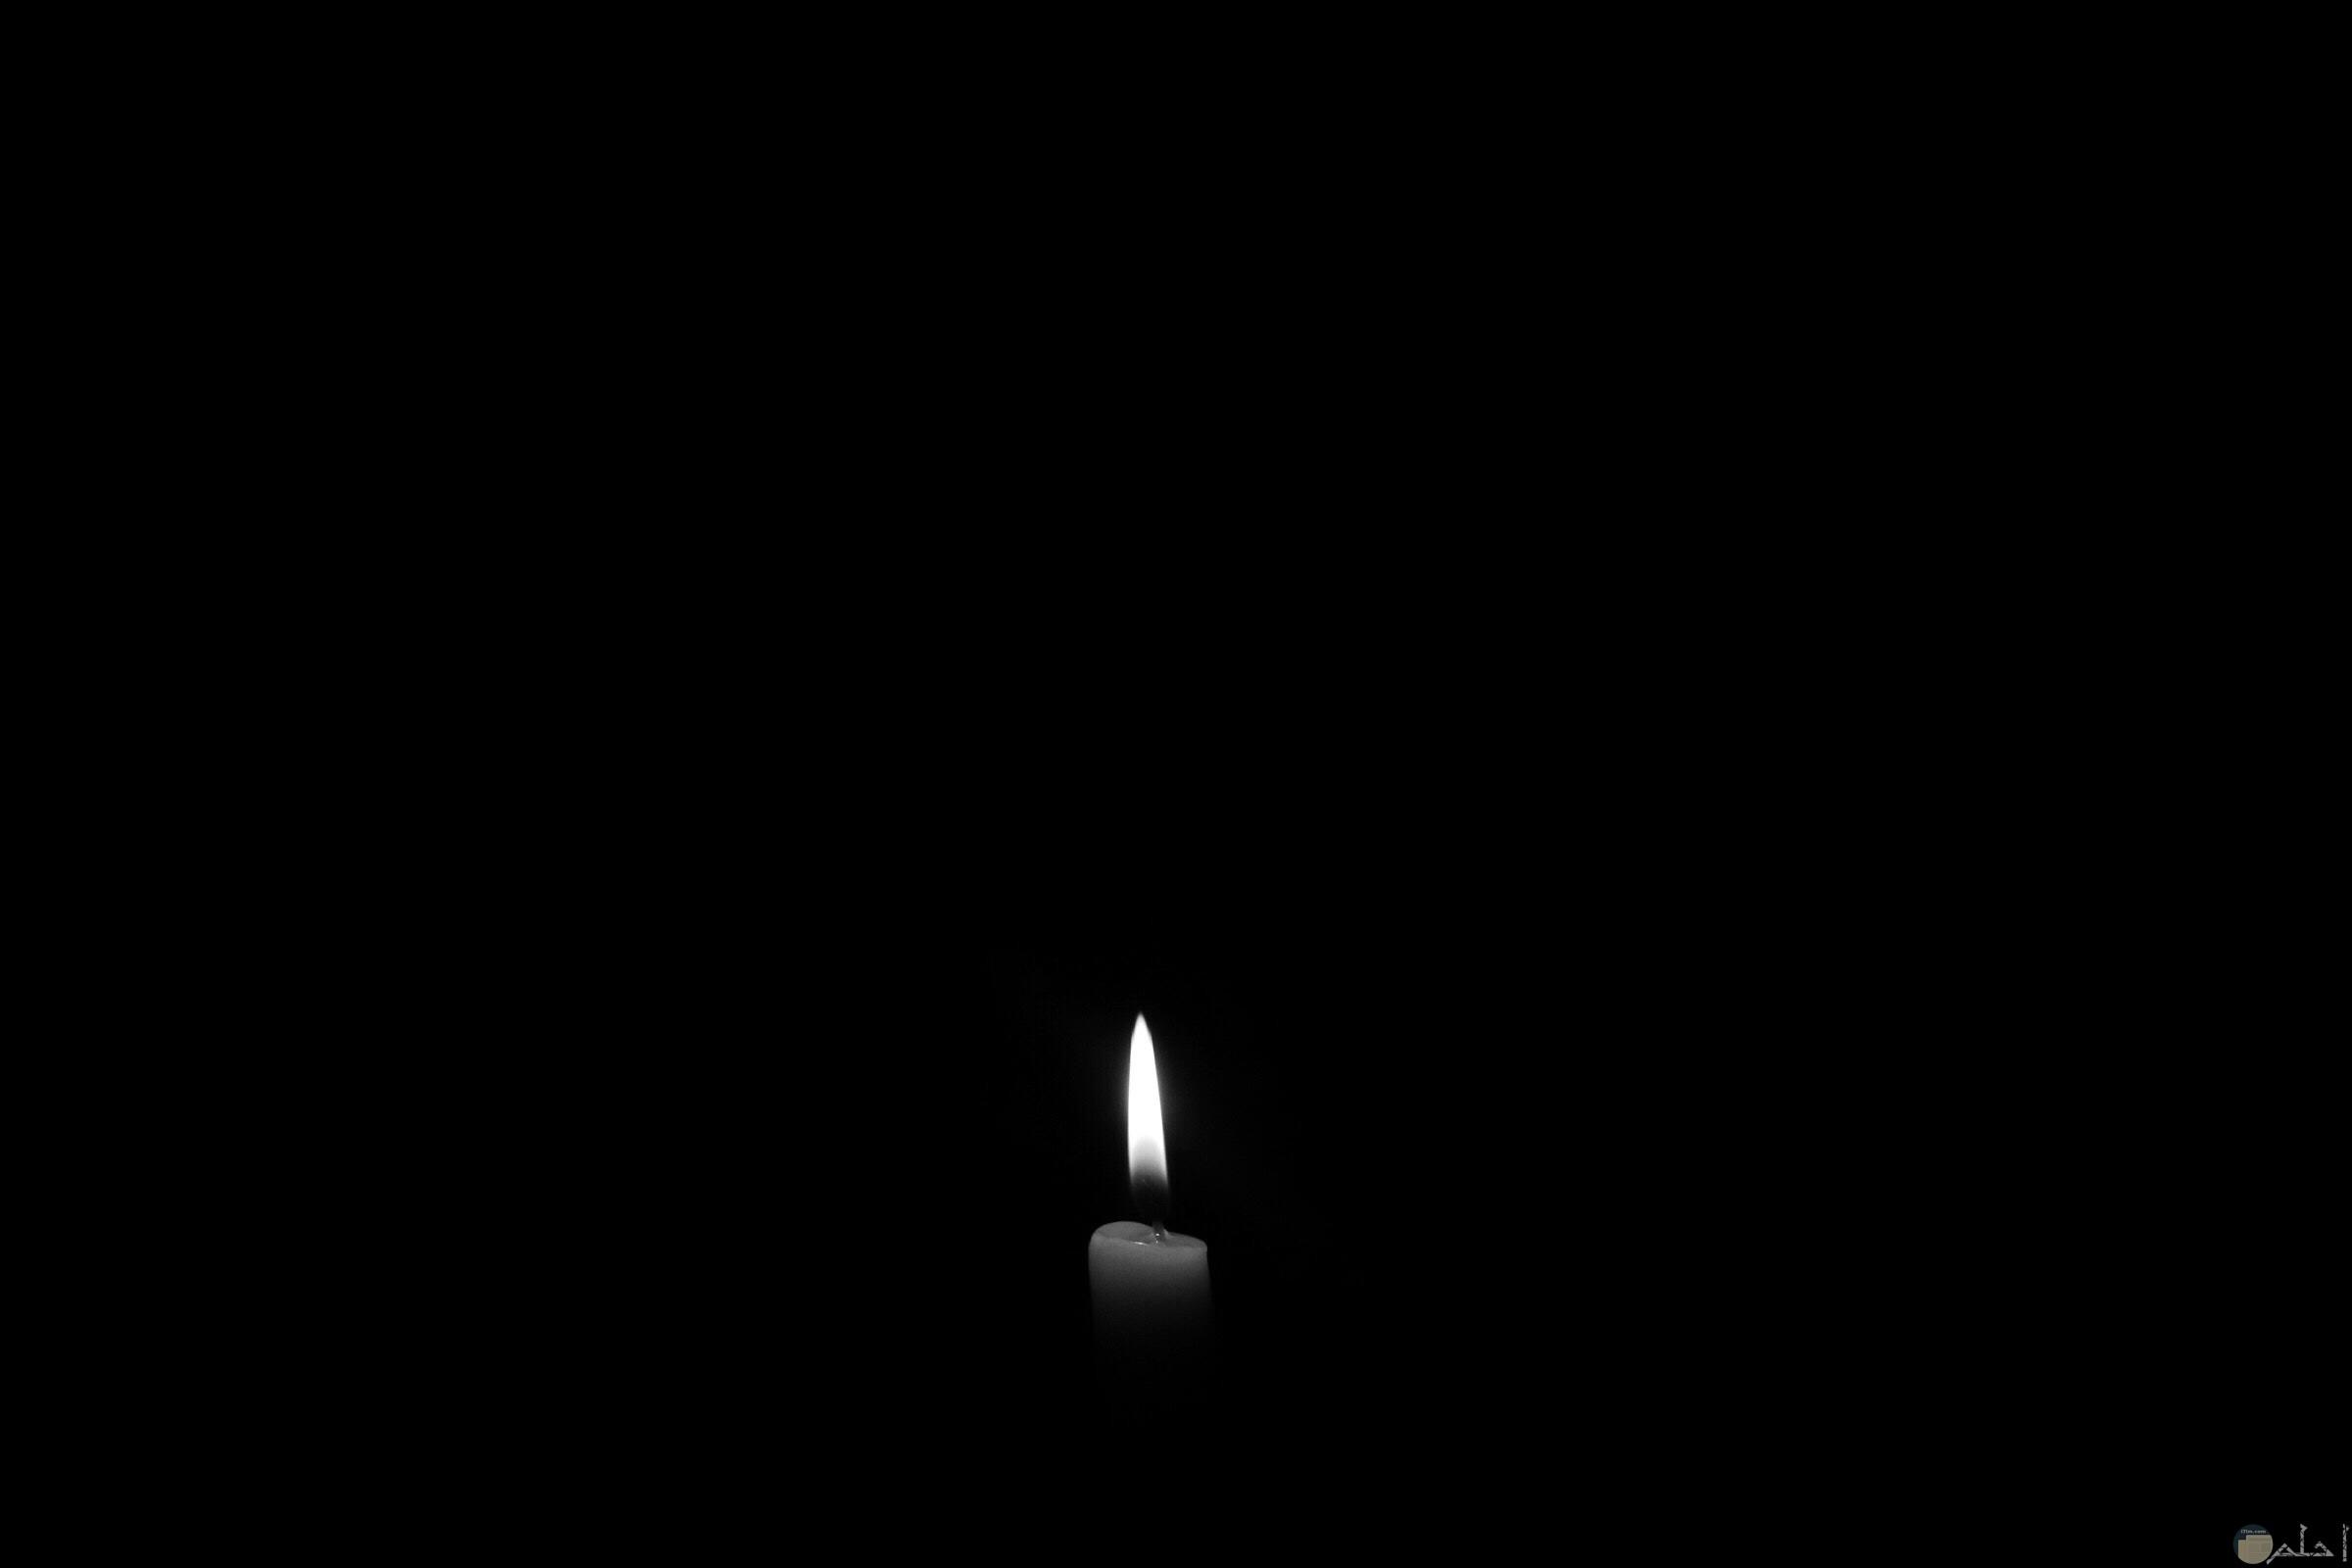 صورة سادة سوداء غامقة بها ضوء شمعة